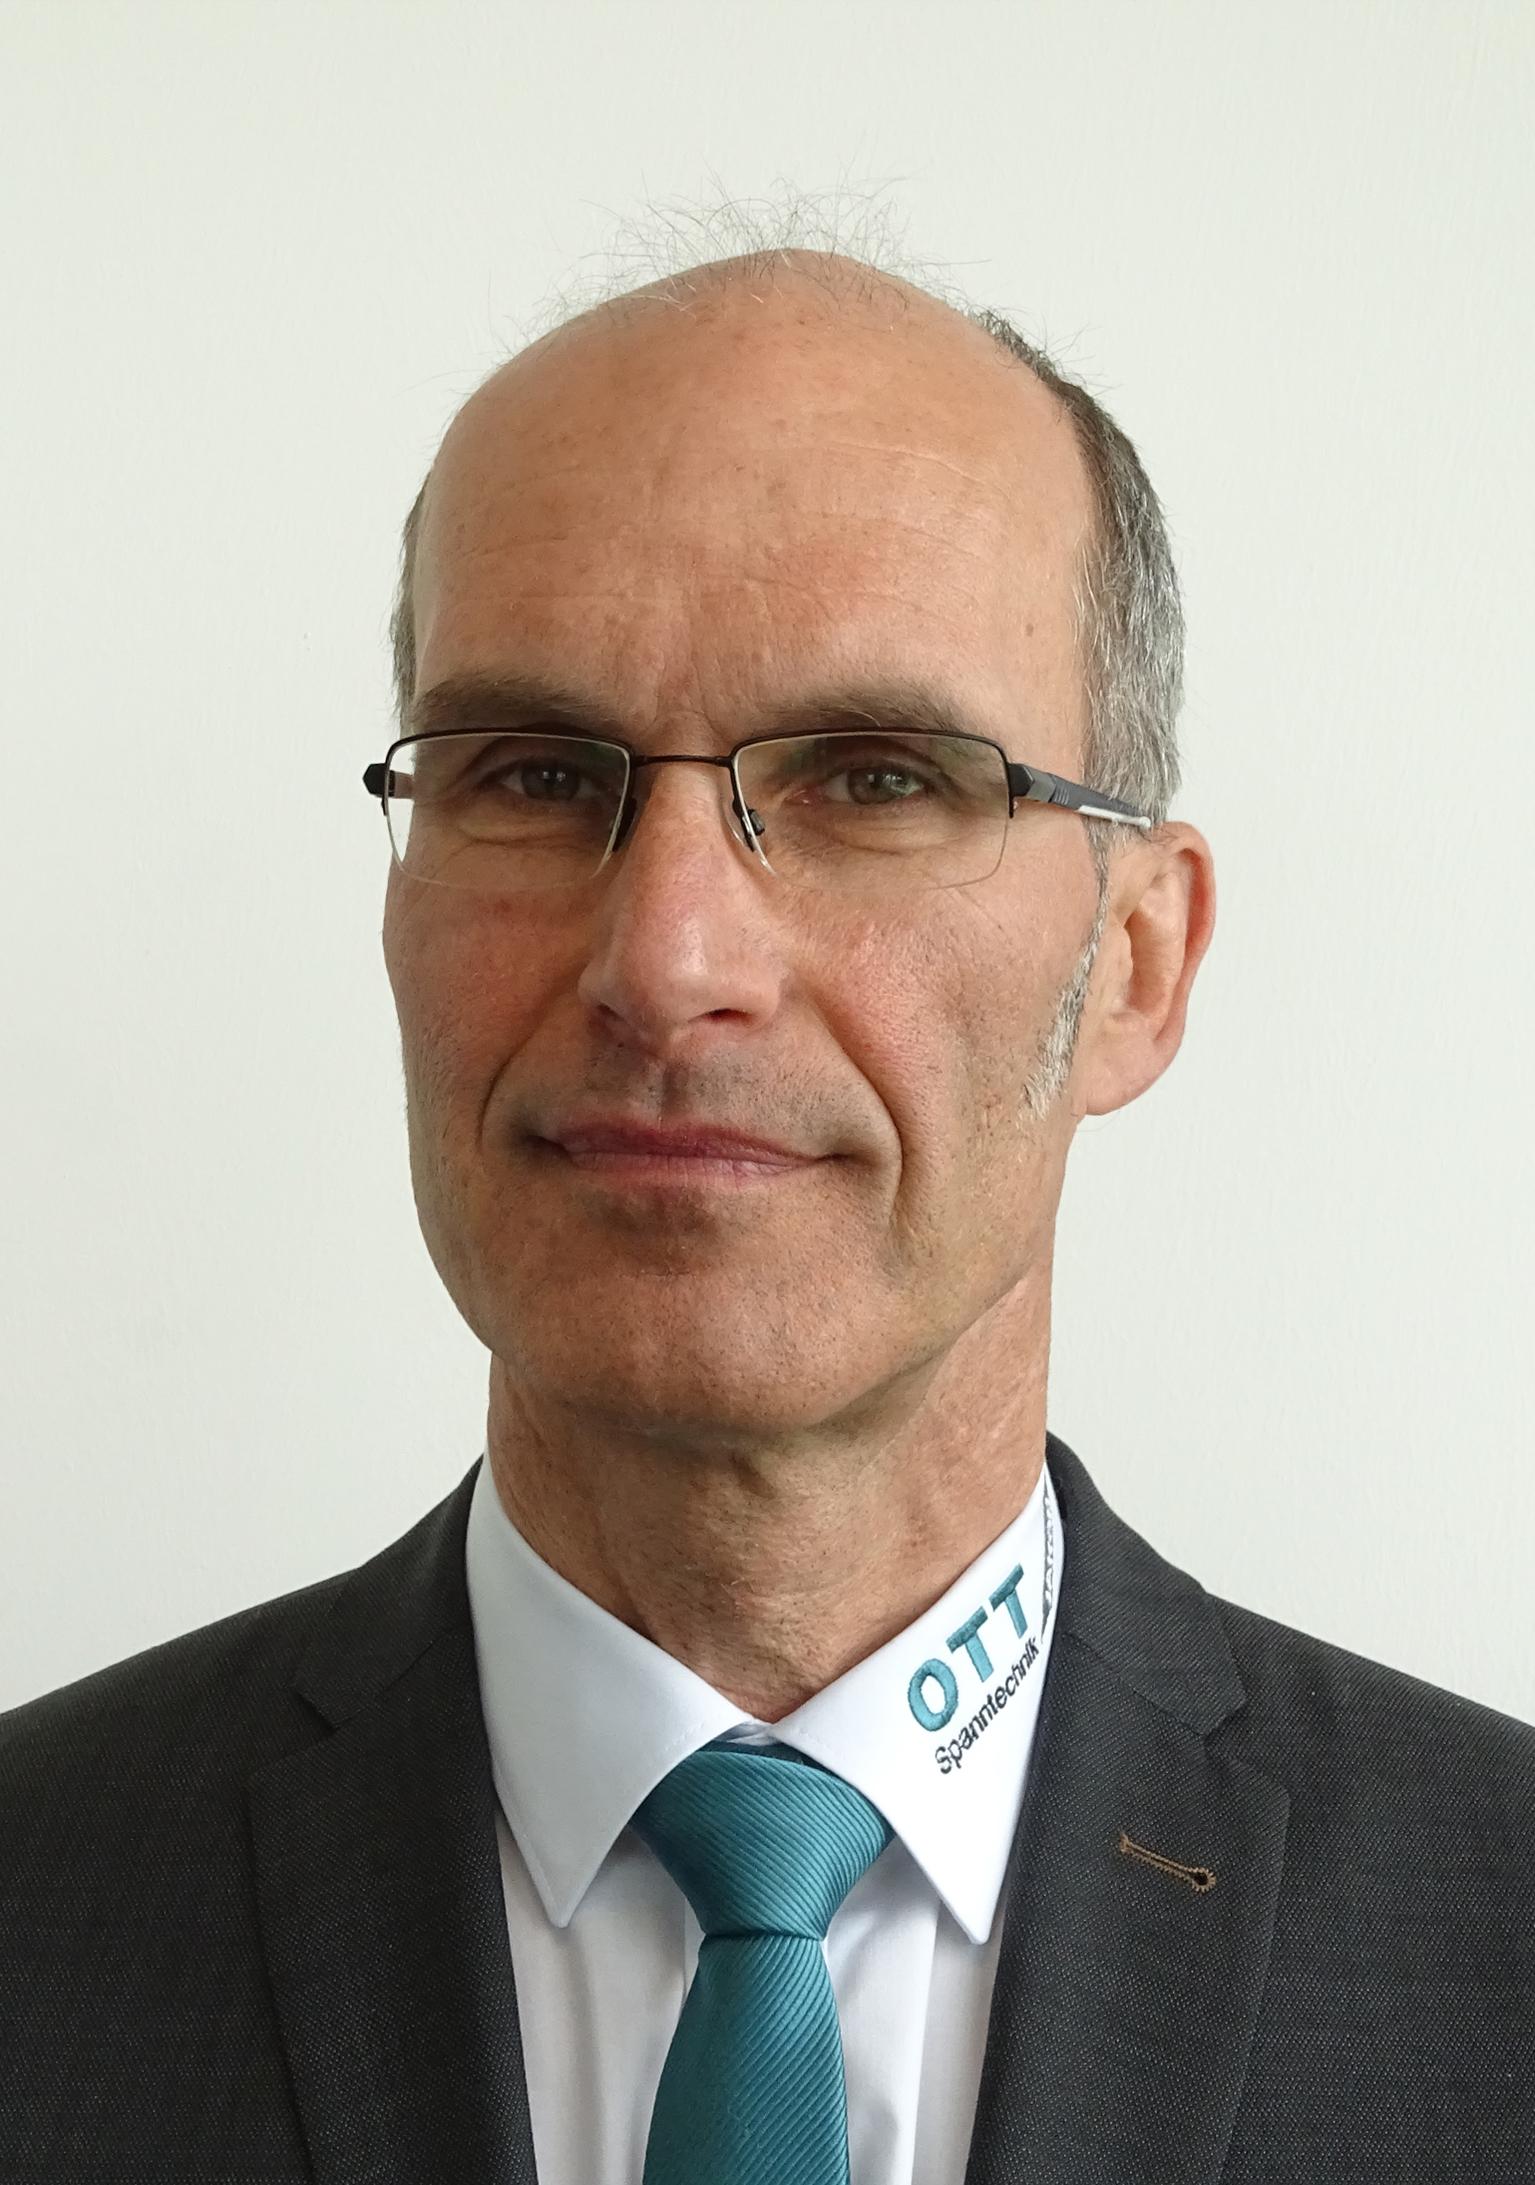 OTT-JAKOB - Unternehmen - Bild - New Sales Director